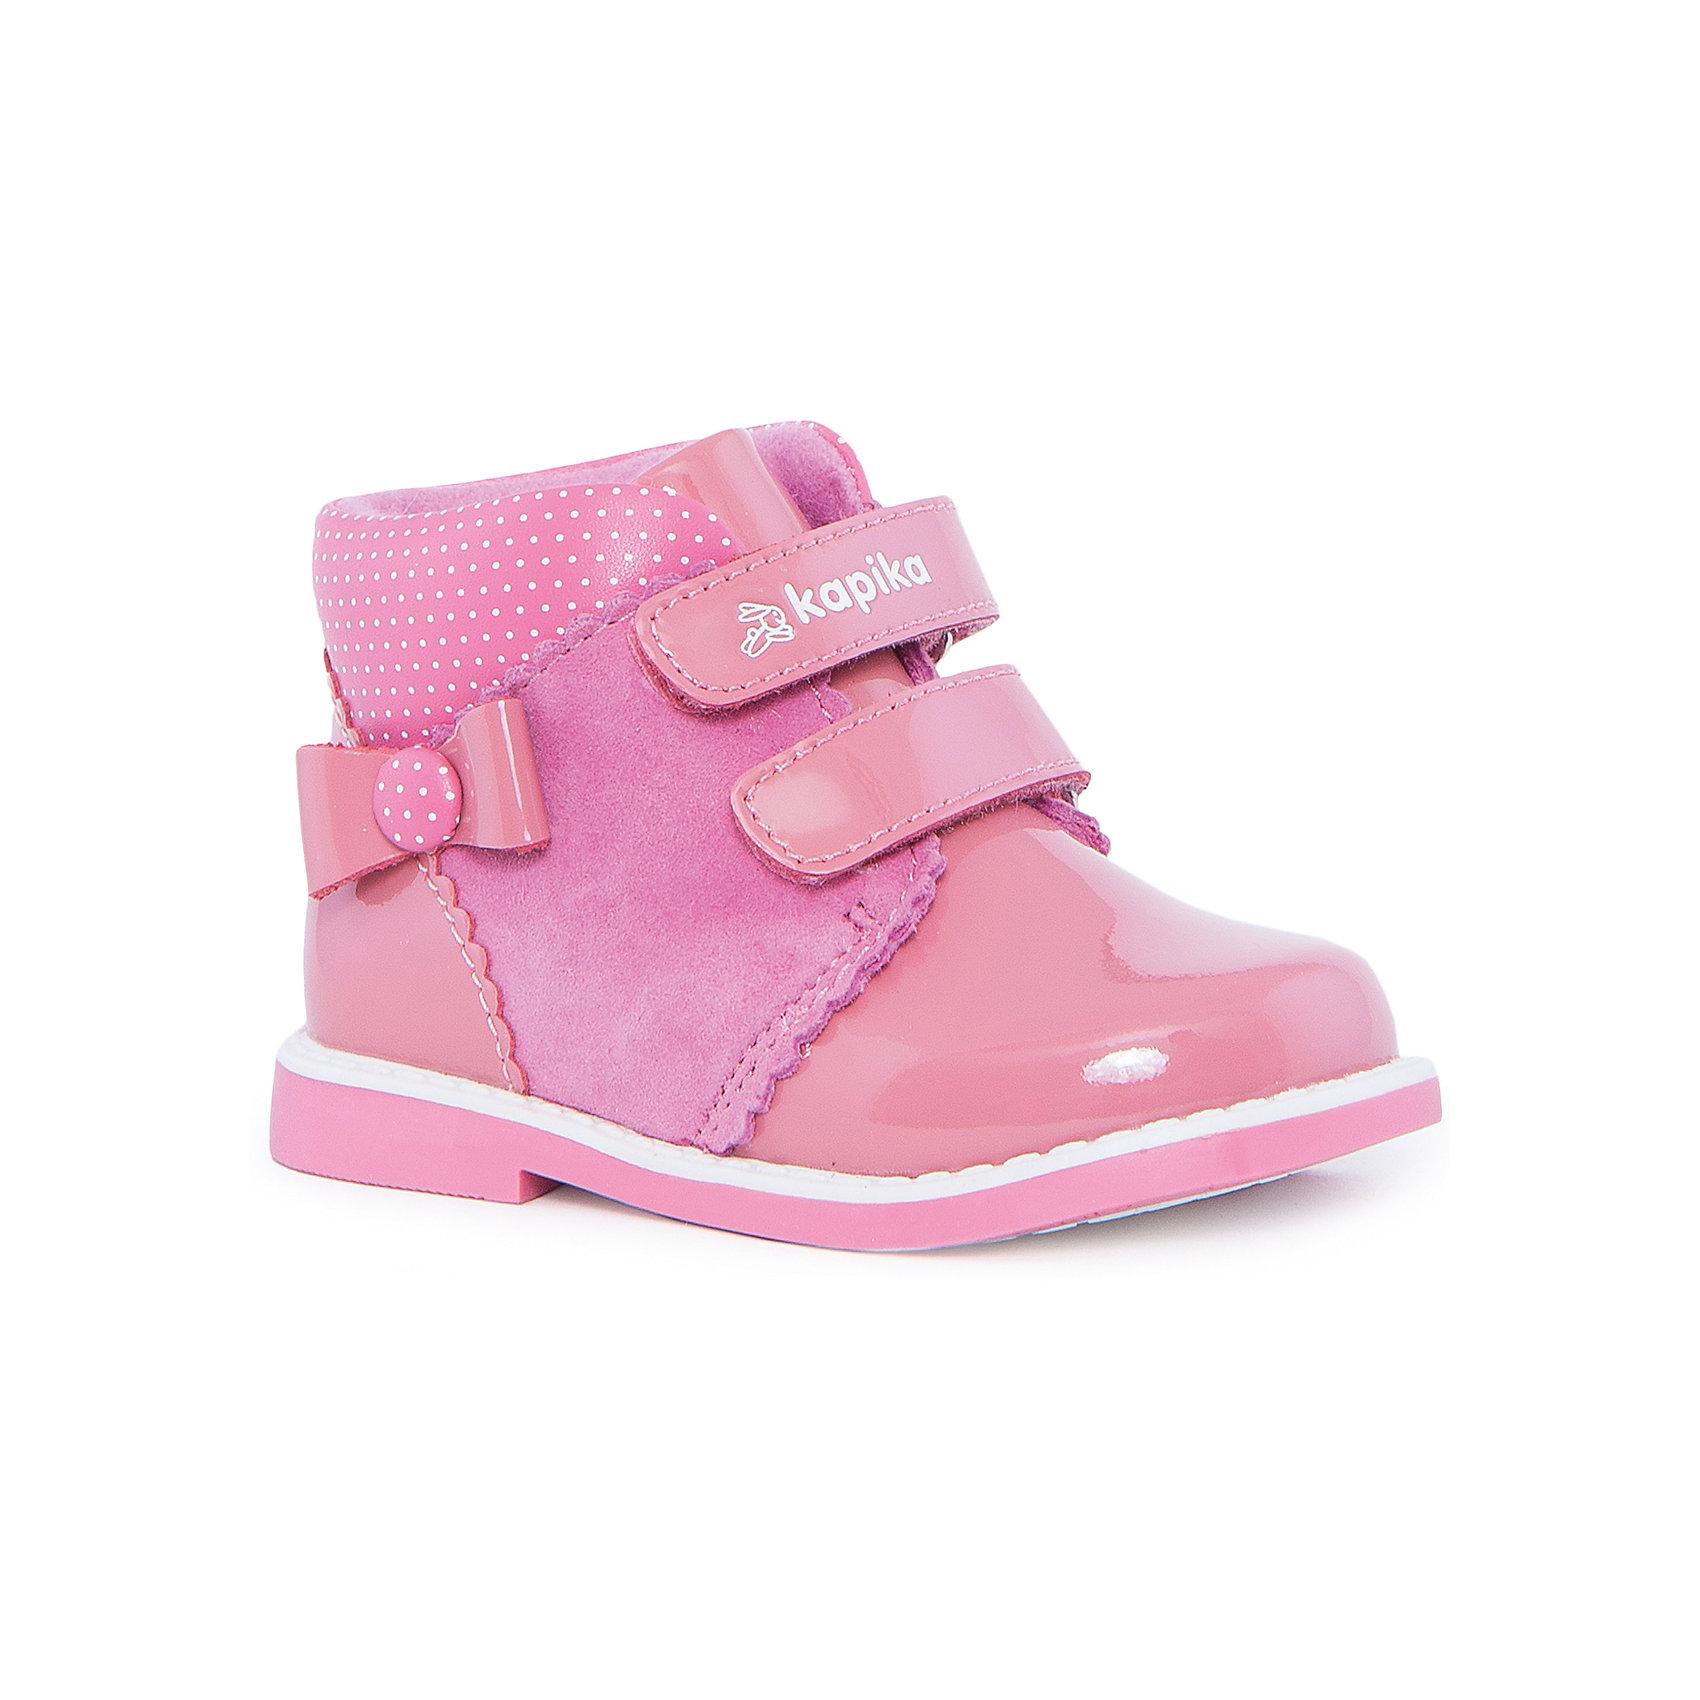 Ботинки для девочки KAPIKAОбувь для малышей<br>Ботинки для девочки KAPIKA – стиль, красота и тепло.<br>Красивые модные ботинки из натуральной кожи делают ходьбу комфортной и теплой. Внутри утепленная подкладка из шерсти. Ботинки сделаны с жестким задником и супинатором для правильного формирования ступни. Хорошо прилегают к ноге, закрепляясь двумя липучками. Нежный цвет и лакированный носик для особенных модниц.<br><br>Дополнительная информация:<br><br>- материал верха: натуральная кожа<br>- материал подкладки: утепленный текстиль, 80% шерсть<br>- цвет: розовый<br><br>Ботинки для девочки KAPIKA можно купить в нашем интернет магазине.<br><br>Ширина мм: 262<br>Глубина мм: 176<br>Высота мм: 97<br>Вес г: 427<br>Цвет: розовый<br>Возраст от месяцев: 12<br>Возраст до месяцев: 15<br>Пол: Женский<br>Возраст: Детский<br>Размер: 24,22,23,21<br>SKU: 4987985